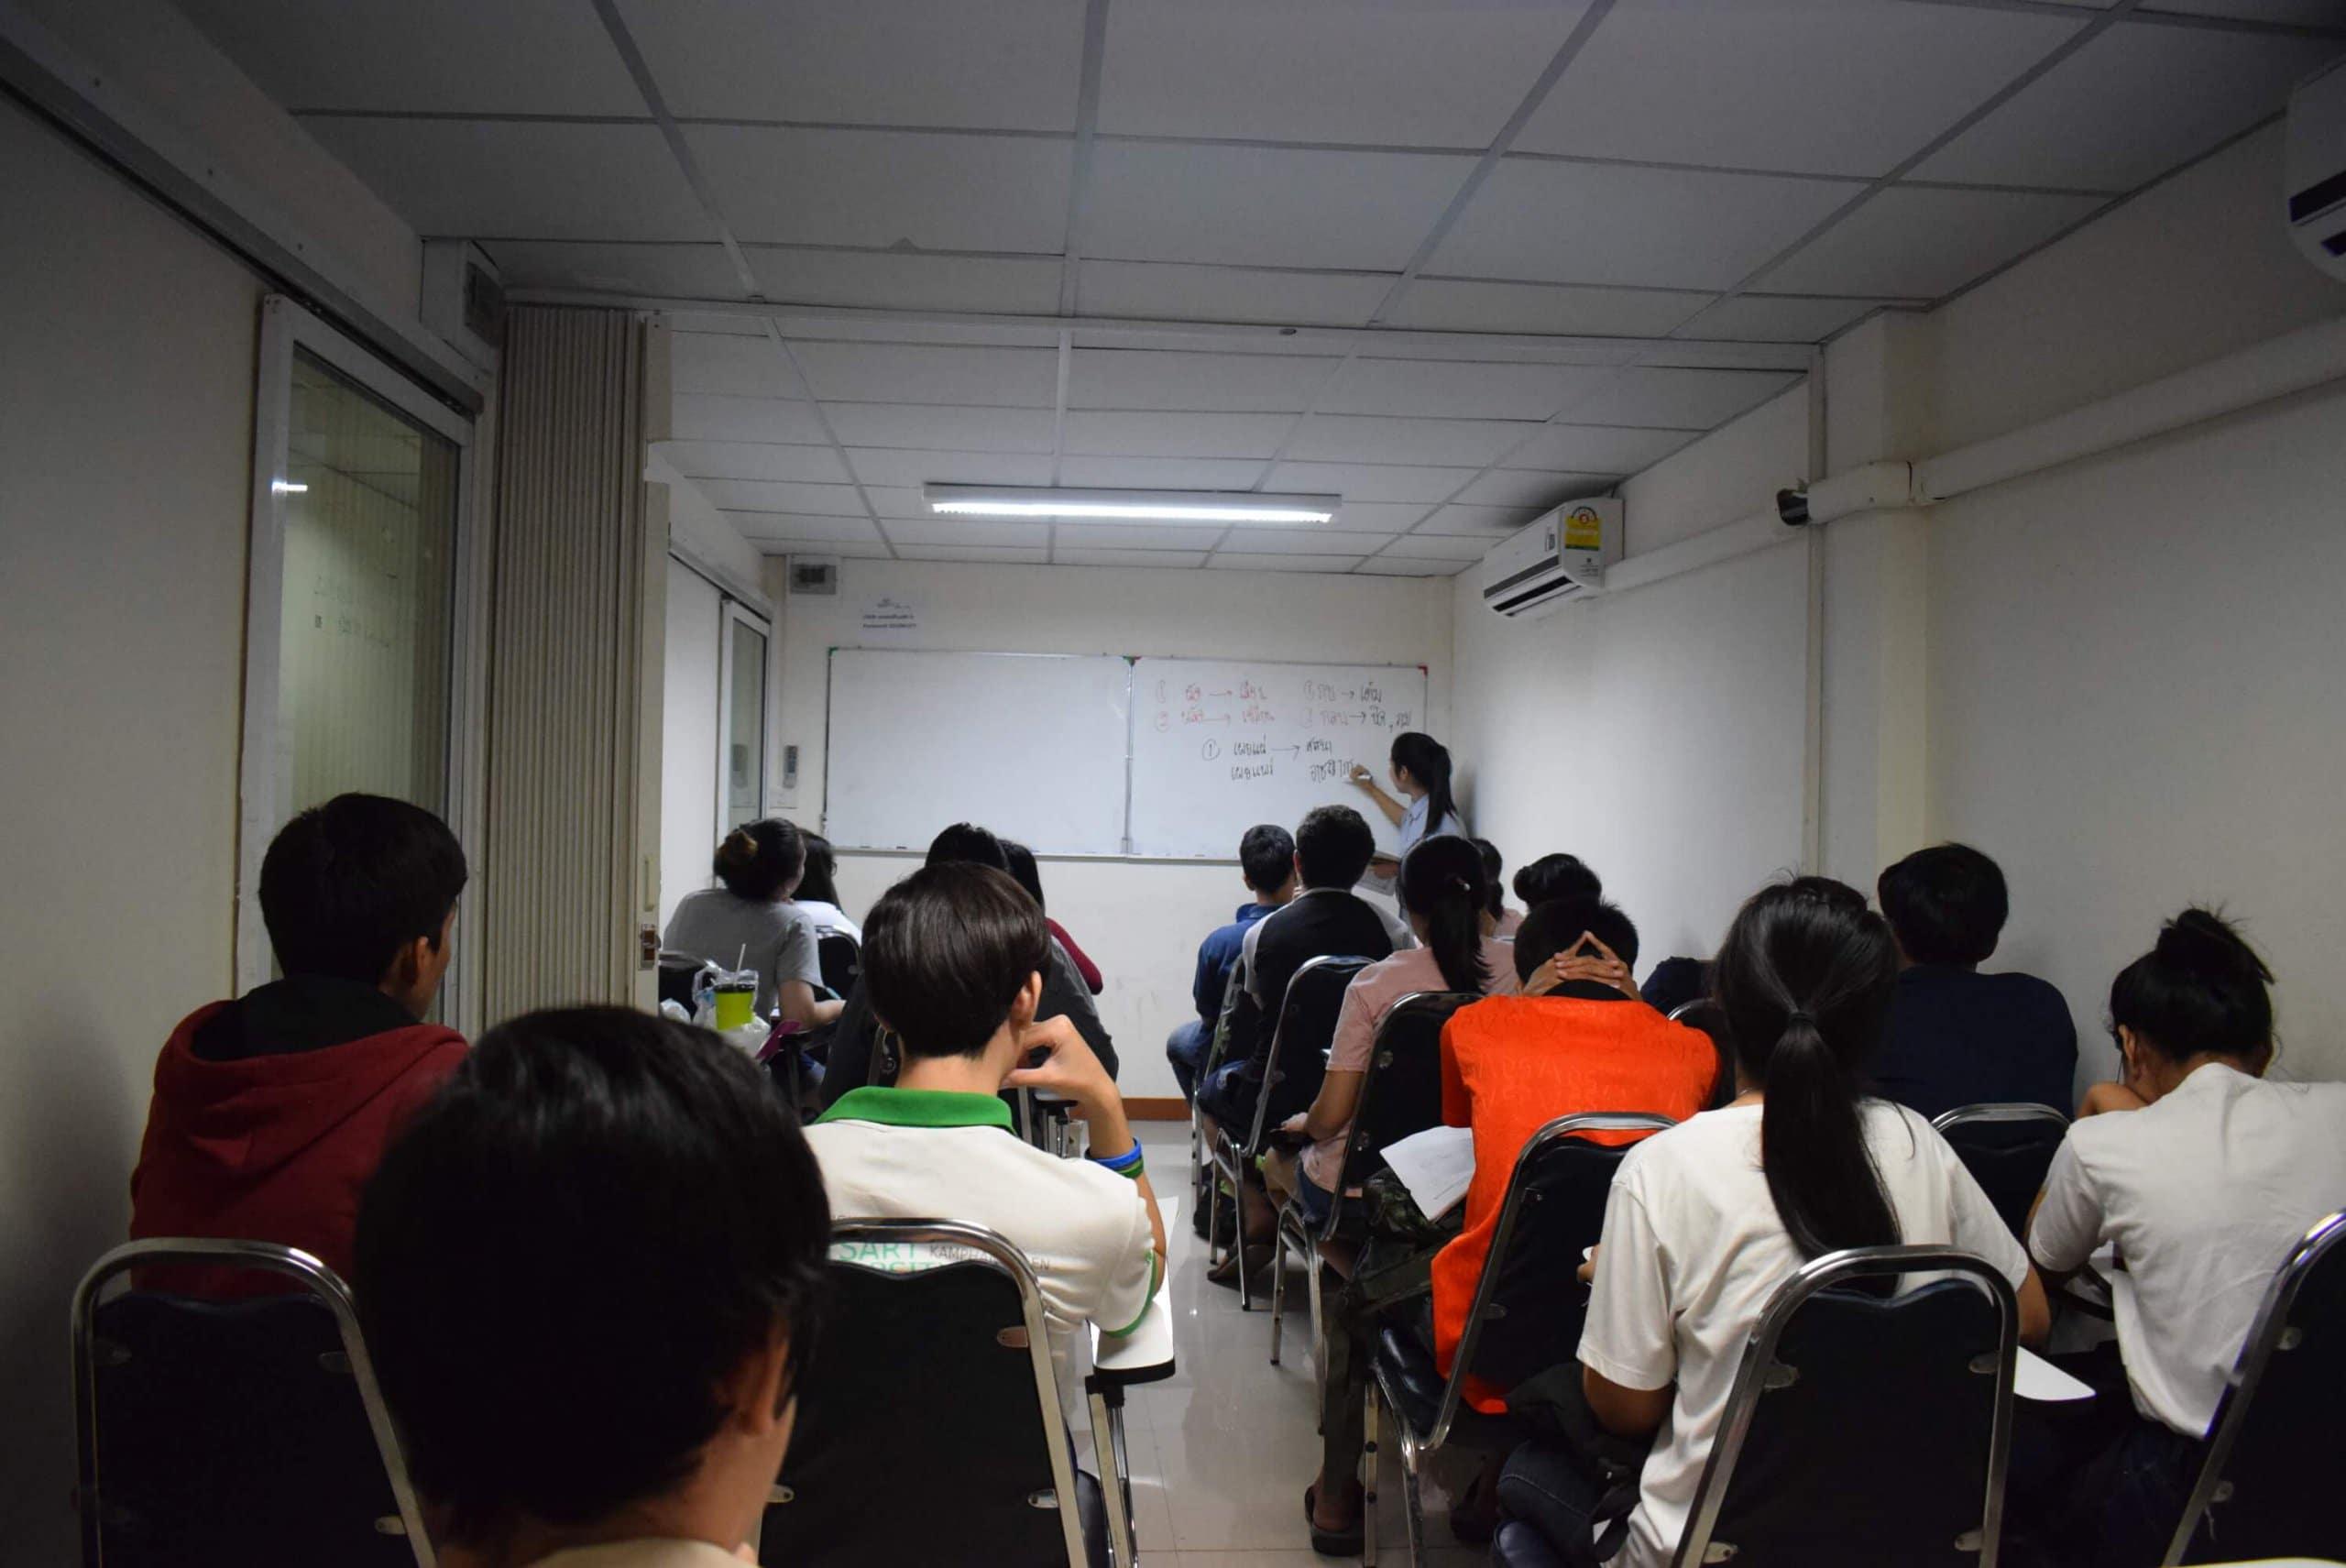 บรรยากาศห้องเรียน คอร์สติวสอบโรงเรียนการไปรษณีย์